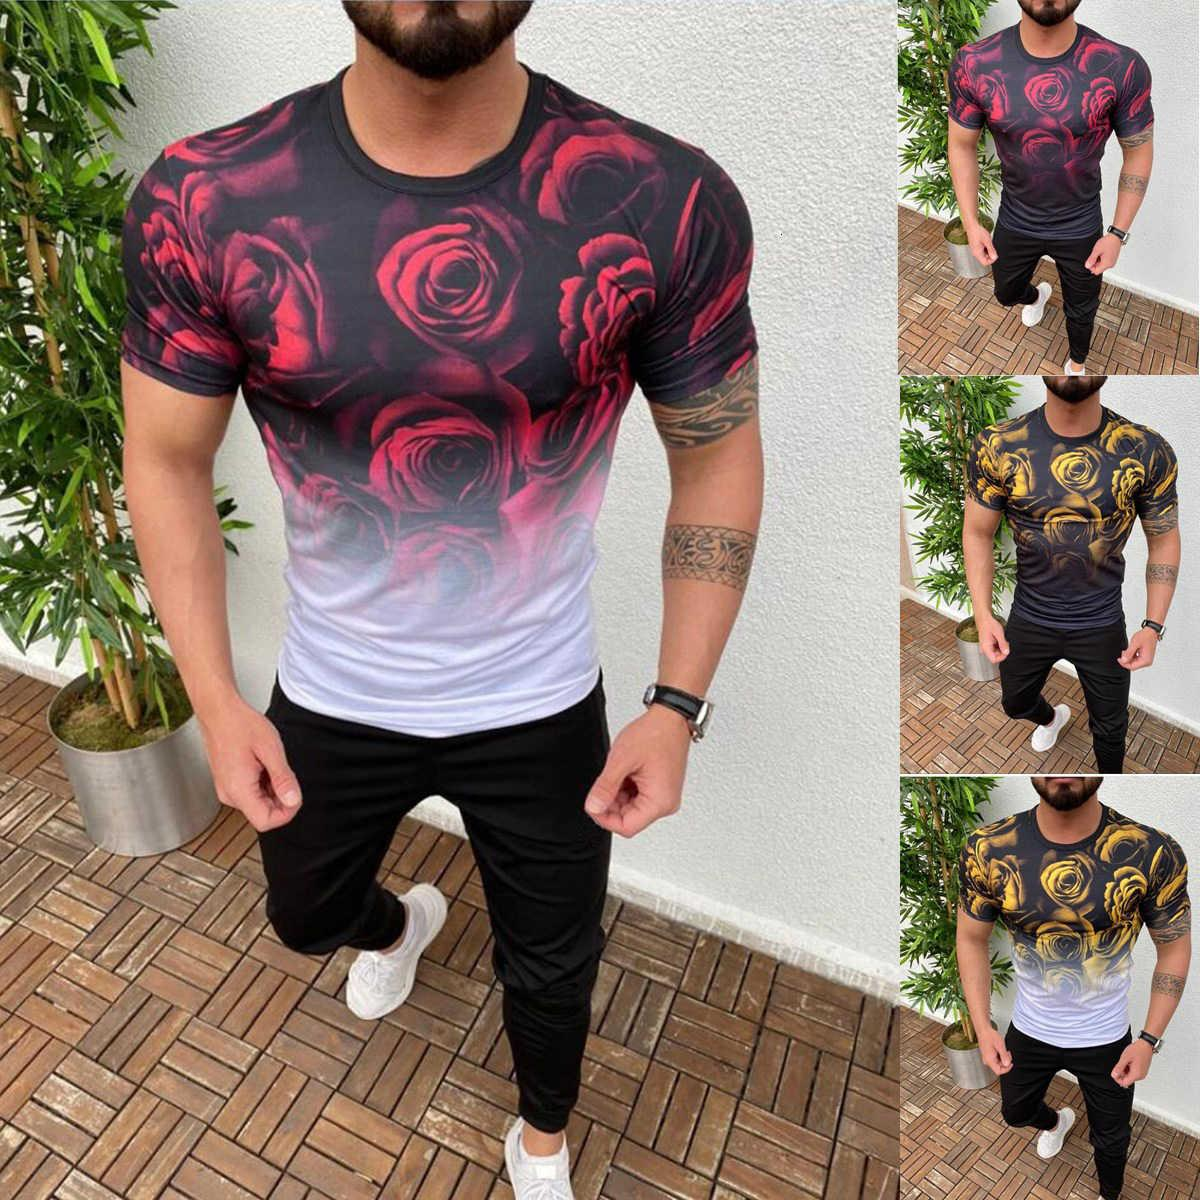 2020 Brand Mens Abbigliamento Abbigliamento Fiordano Fiori Stampa Slim Fit uomo T Shirt Estate O-Collo Fitness T-shirt manica corta per uomo